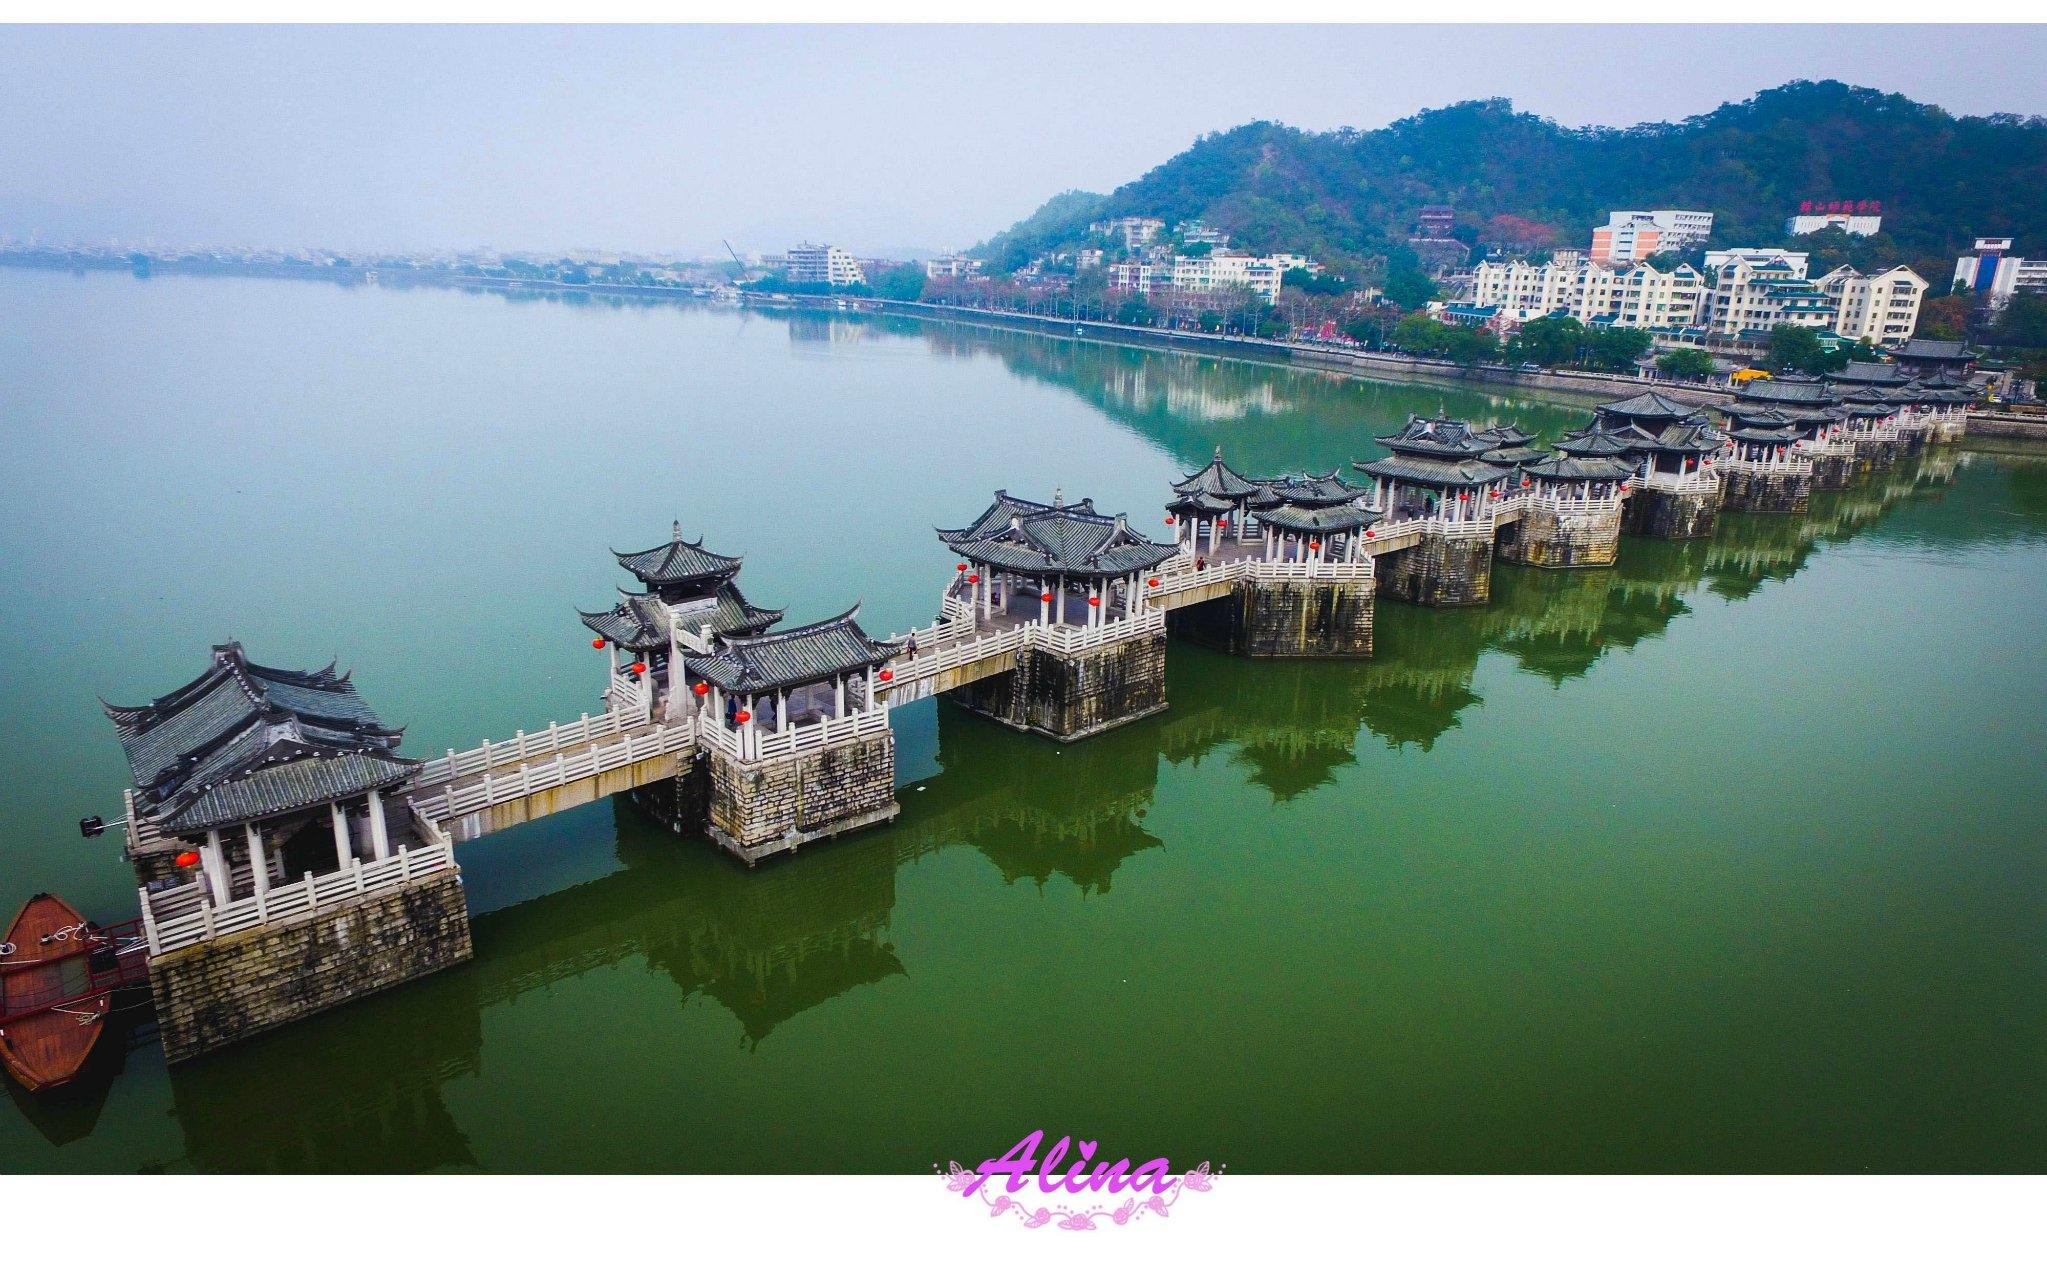 小小无人机,翱翔潮州古城,从热闹的传统民俗节日到宁静的古老民居